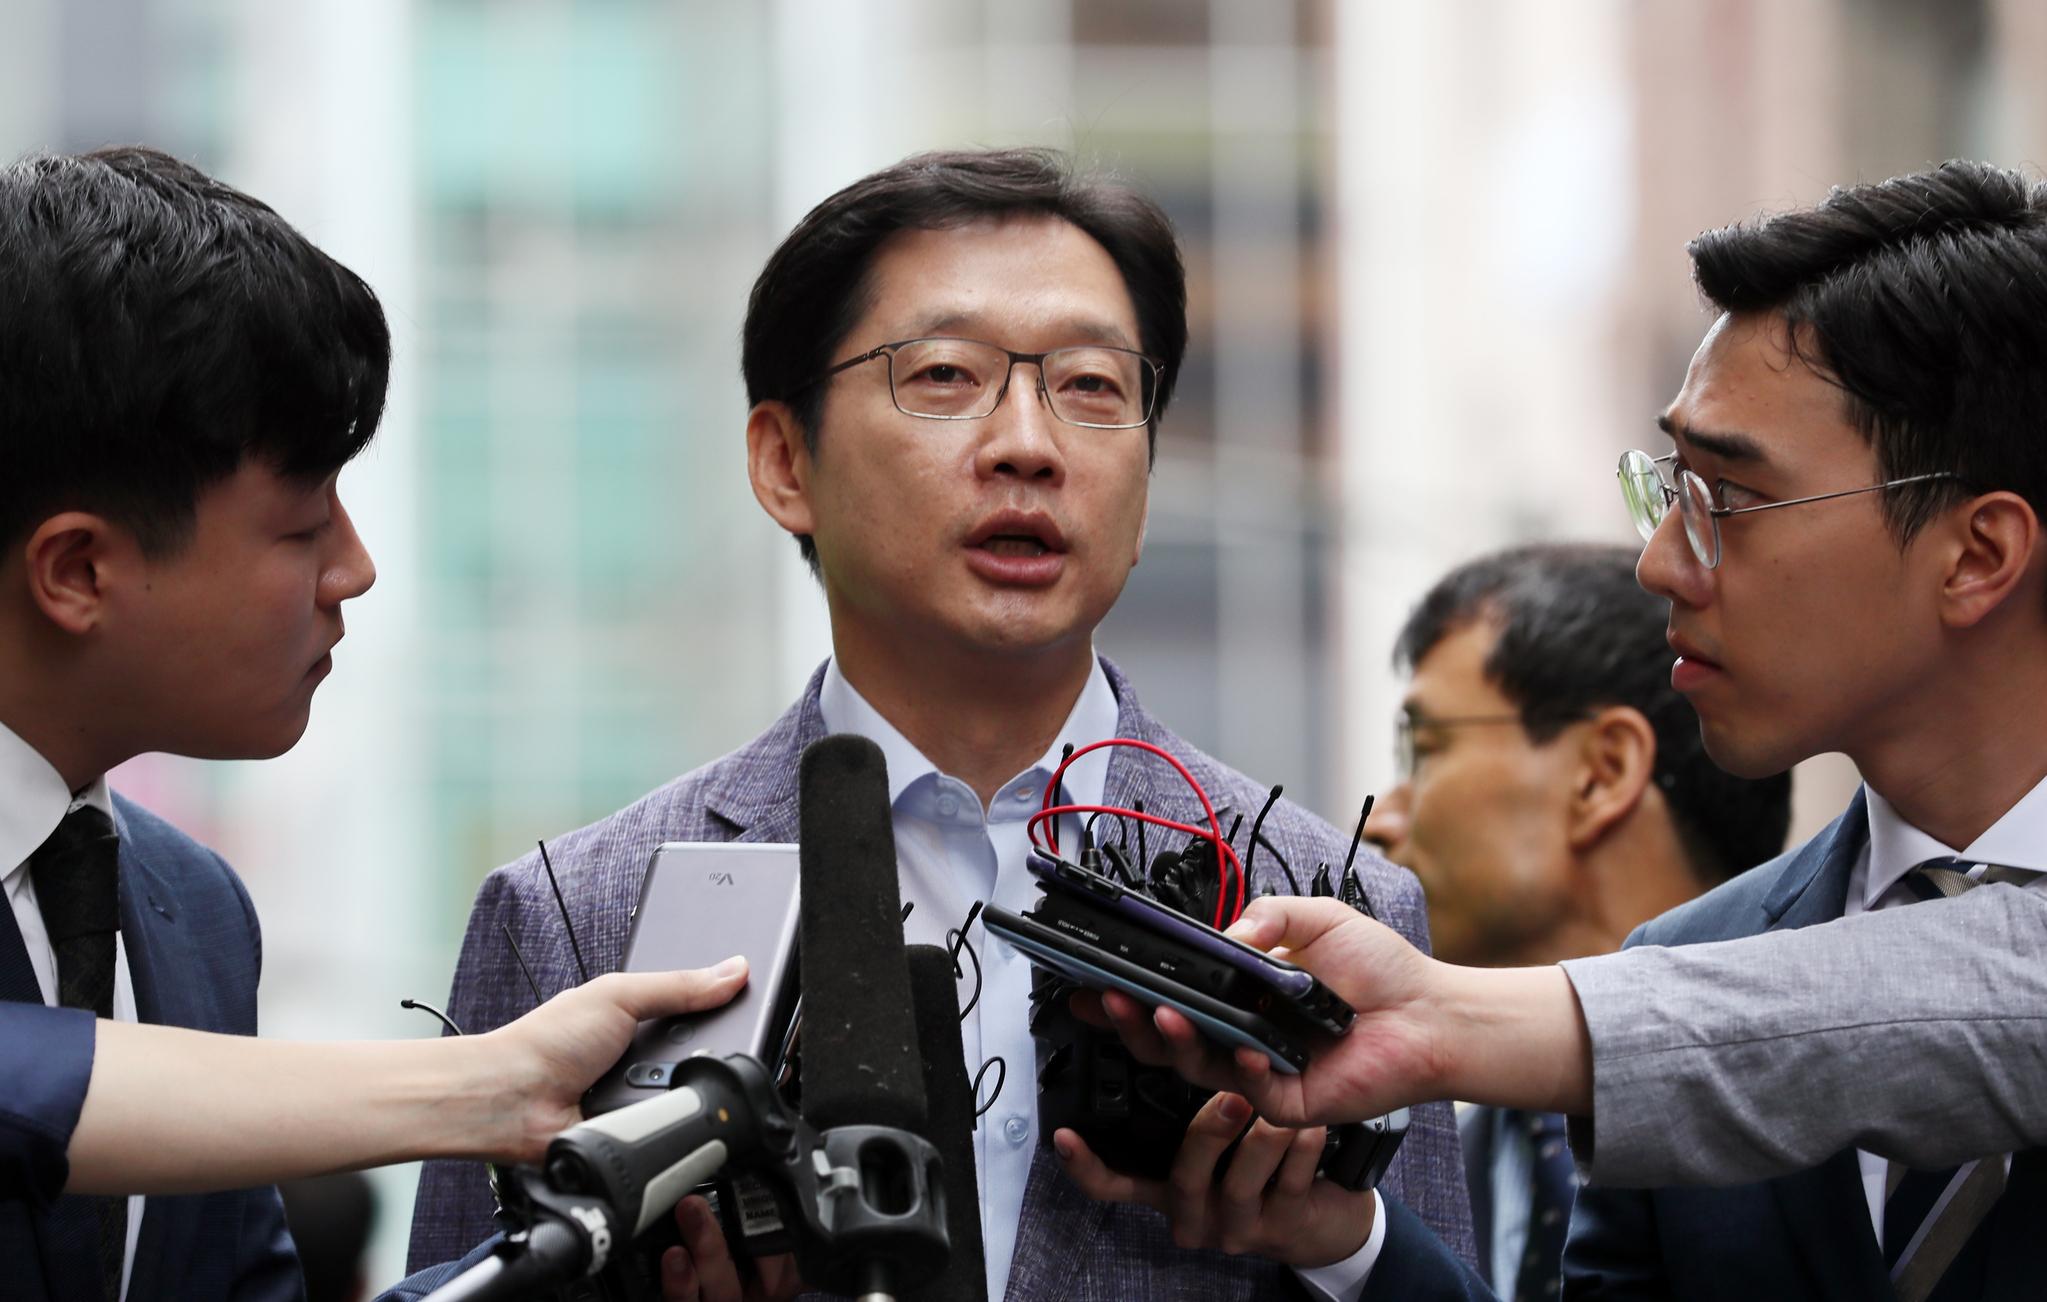 김경수 경남도지사가 드루킹의 댓글조작 행위를 공모한 혐의로 6일 오전 서울 강남구 특검에 출석하고 있다. [연합뉴스]